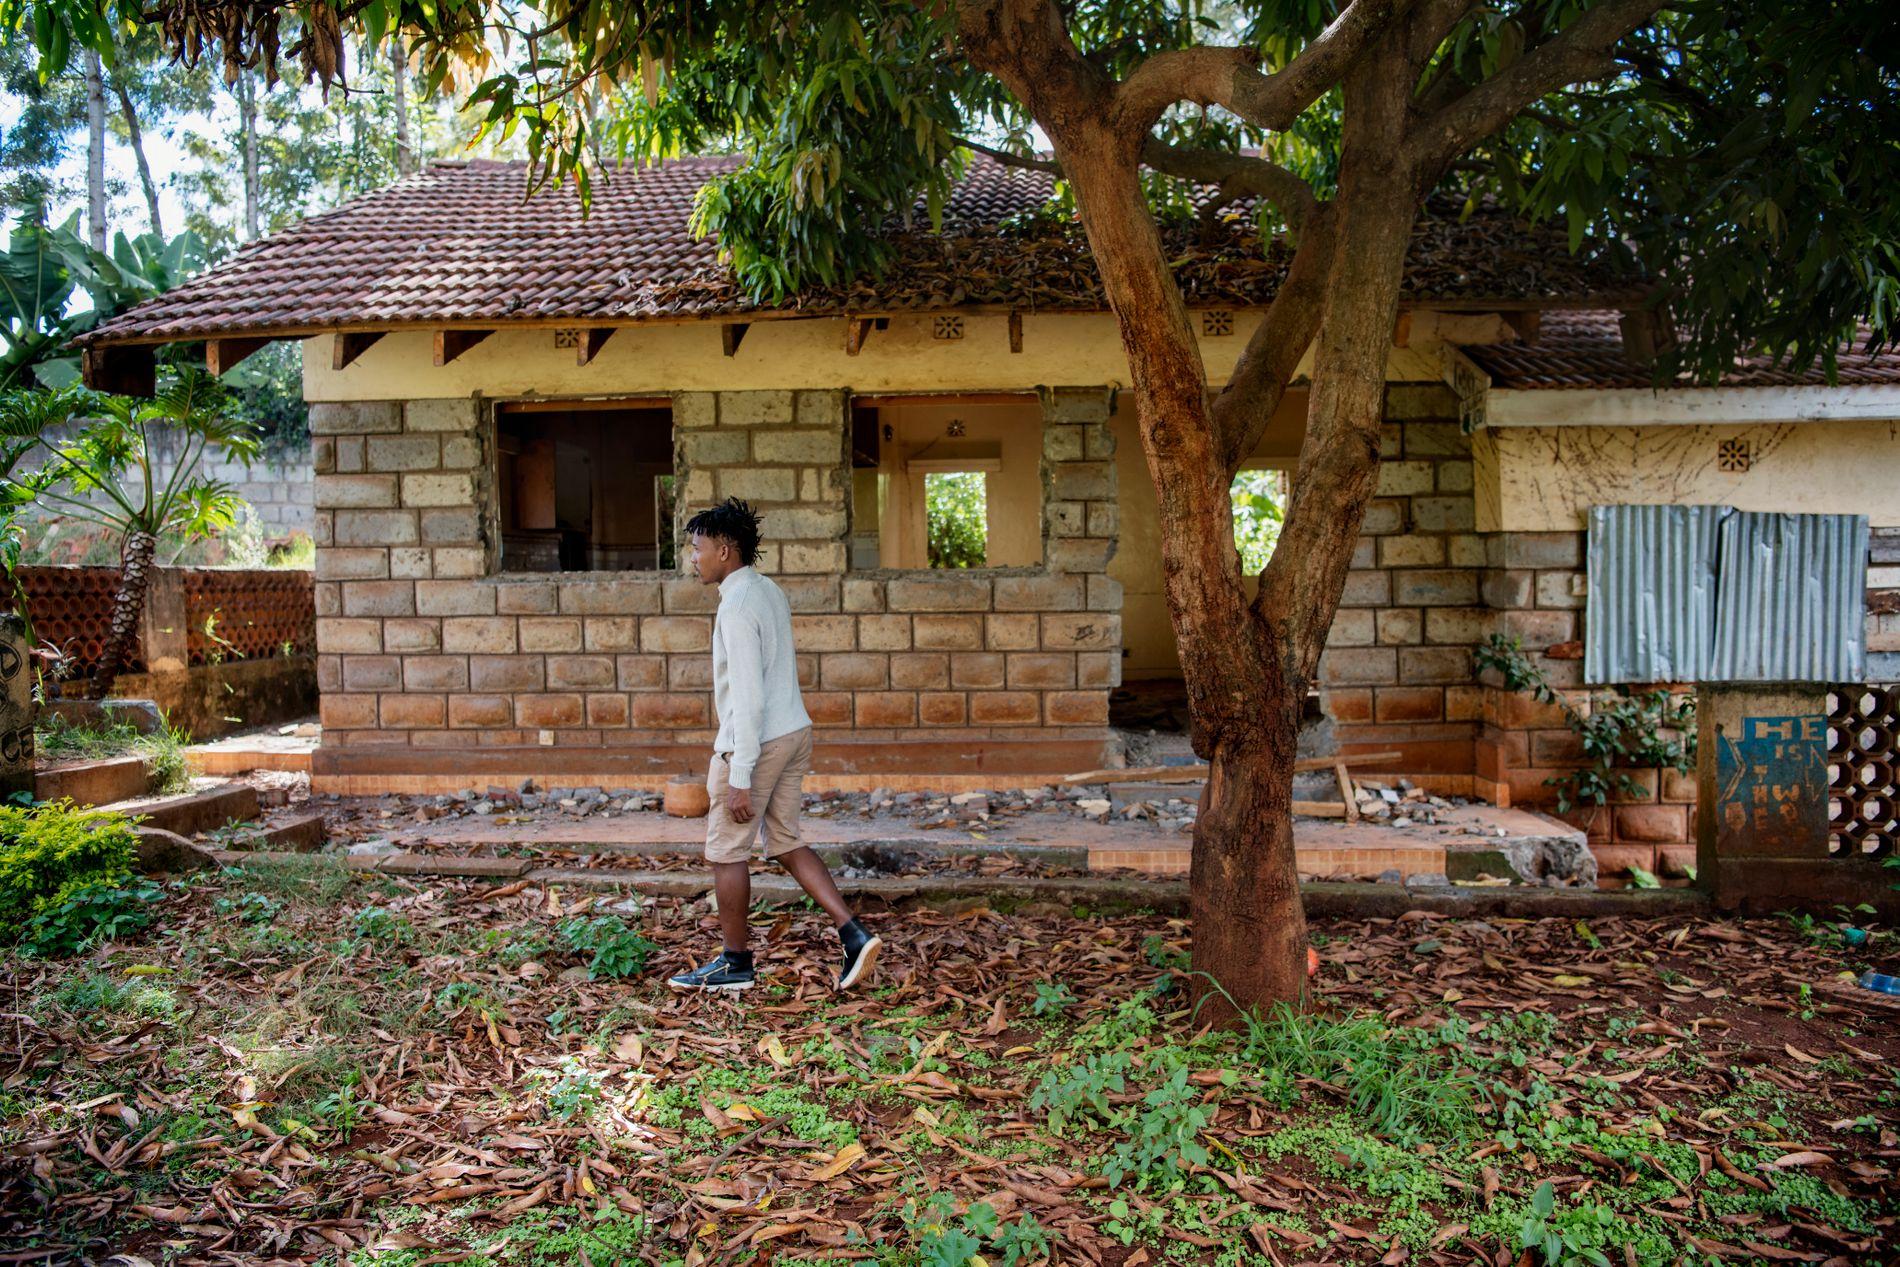 BARE RESTER IGJEN: Vestlendingen som i 2012 ble sendt til Kenya for å bli kvitt rusproblemene sine, karakteriserer oppholdet på grisefarmen som et mareritt. I dag er bare rester igjen av gården, der driften for lengst er avviklet.